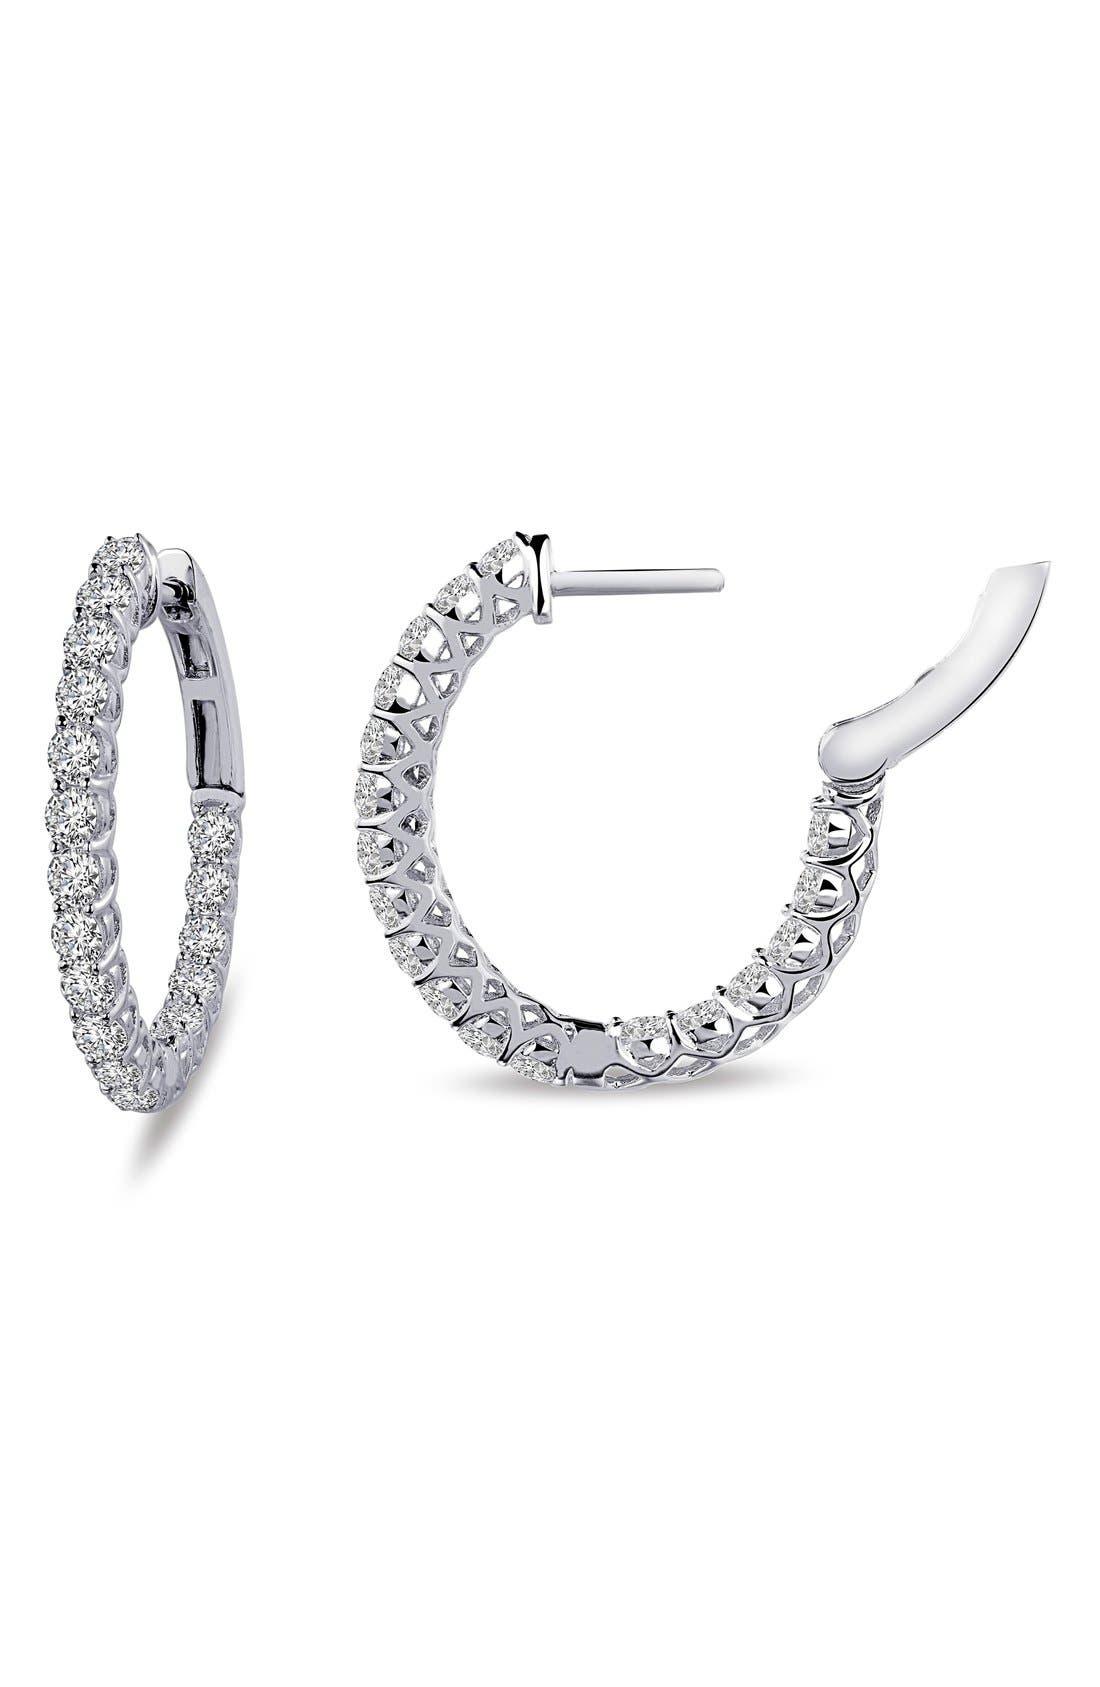 Lafonn 'Lassaire' Oval Hoop Earrings